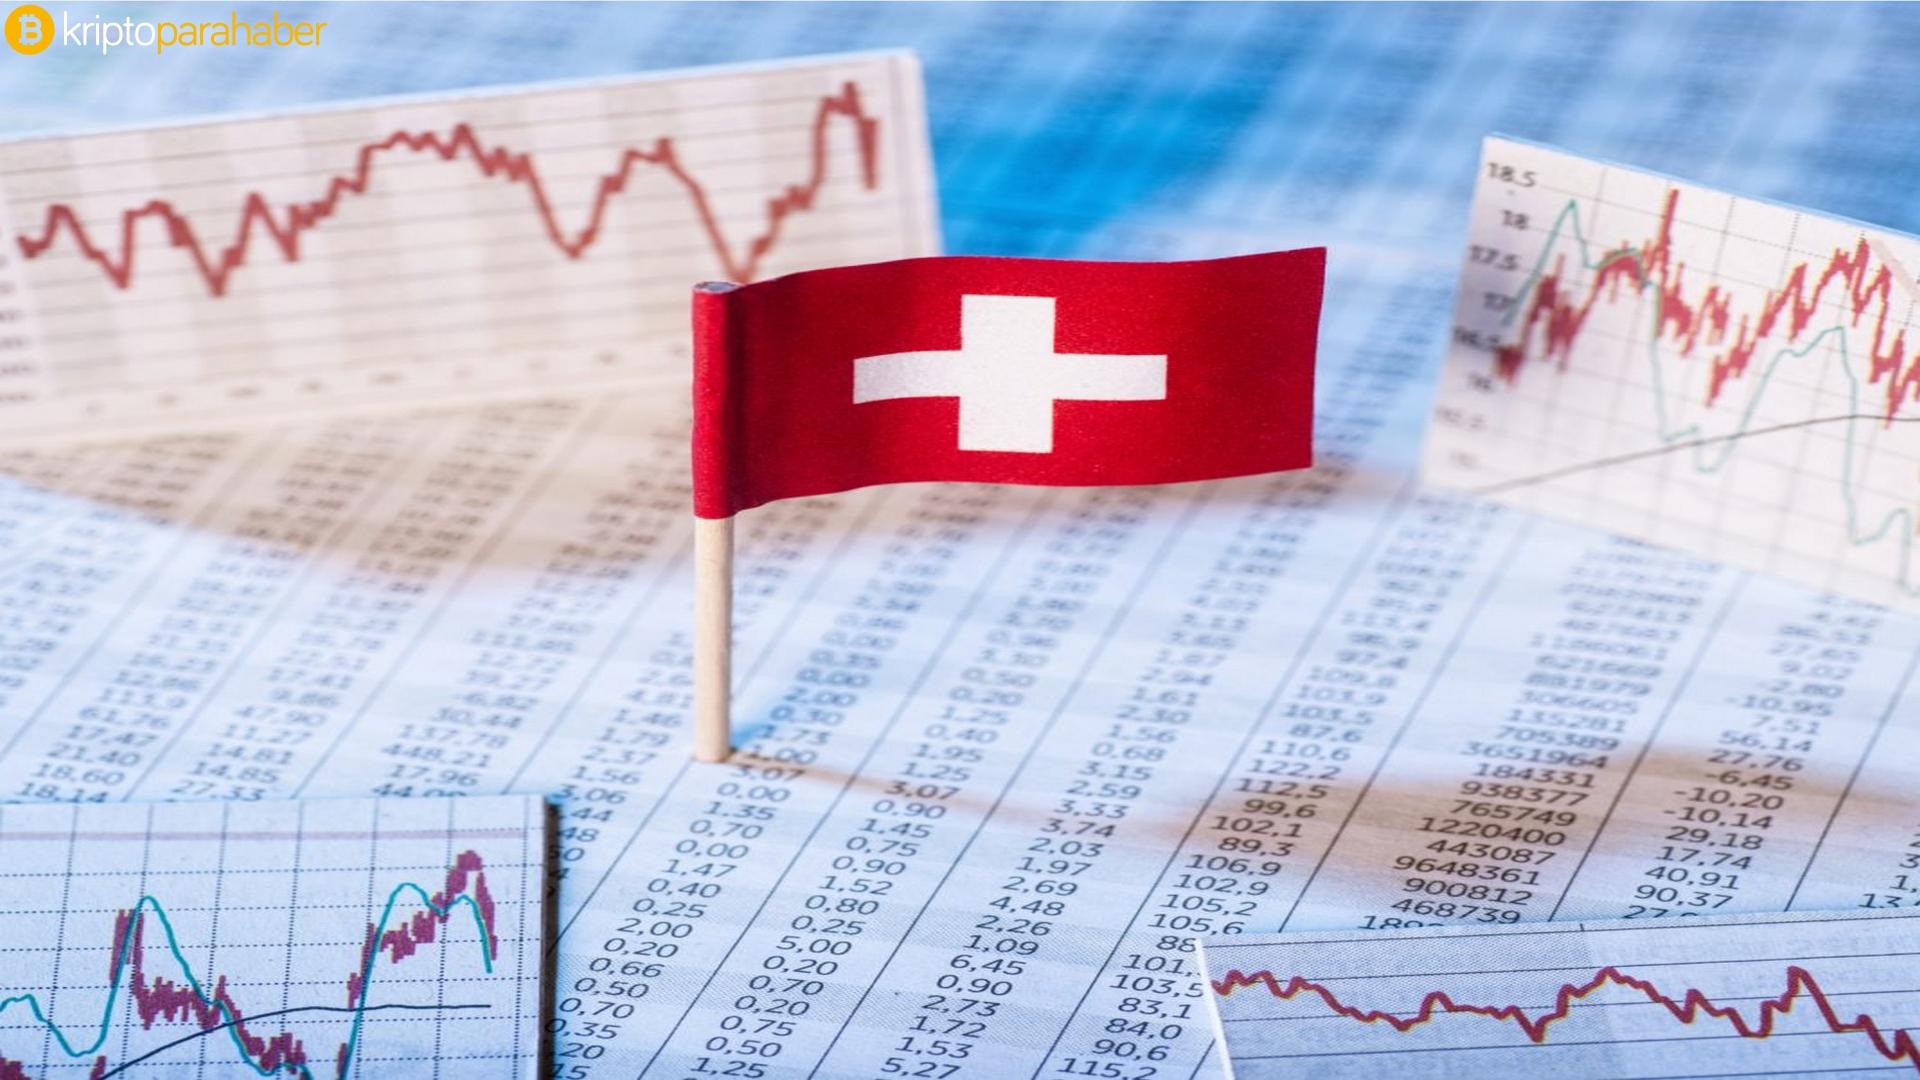 İsviçre'li FINMA: Bankalar kriptoyu yüksek risk olarak ele almalı